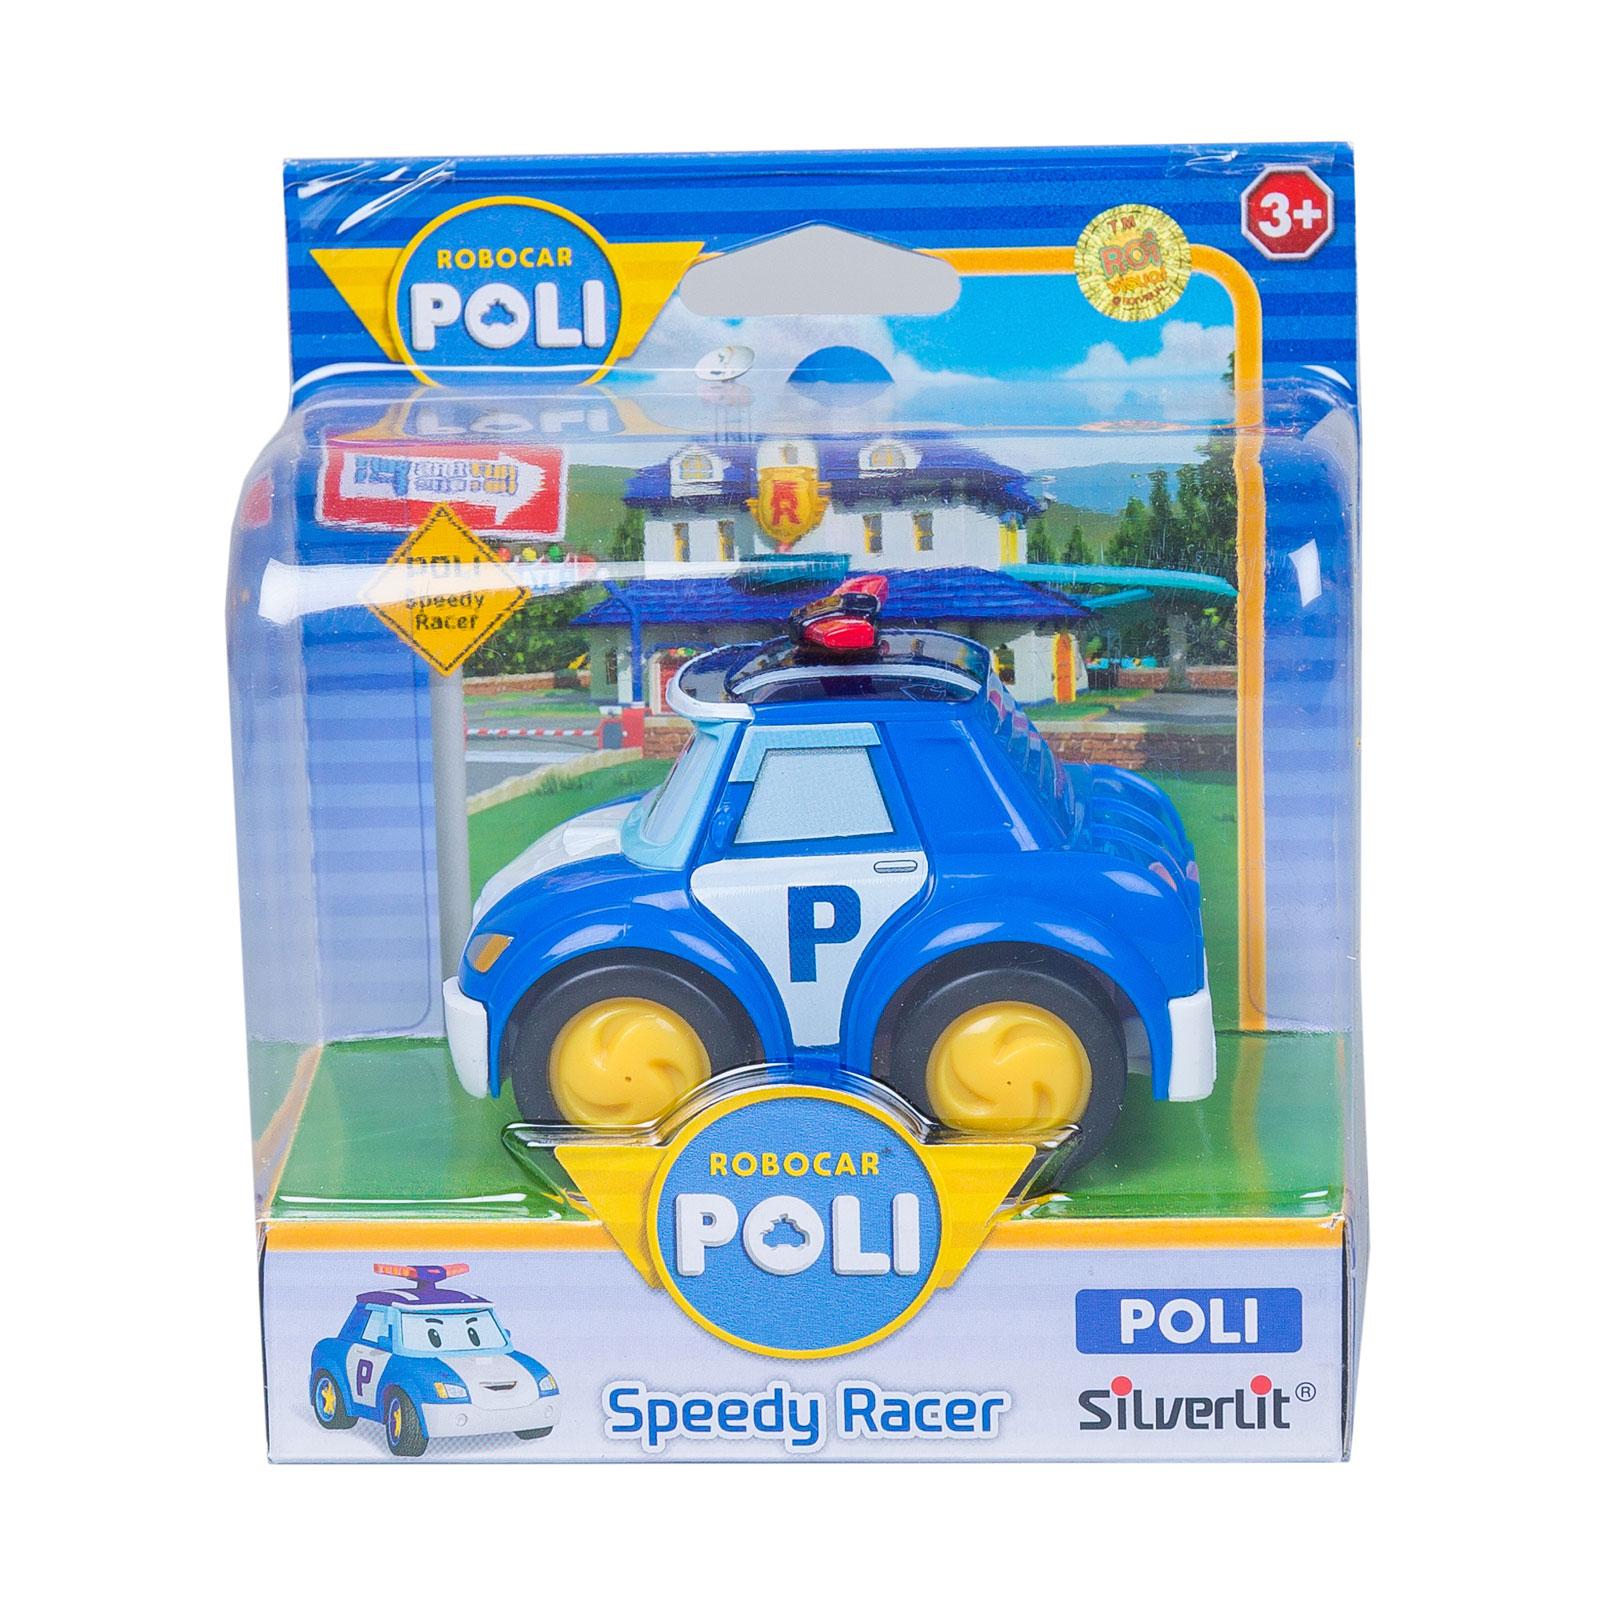 Машинки Silverlit Poli Robocar инерционные 8 см Полицейская 8 см с 3 лет<br>